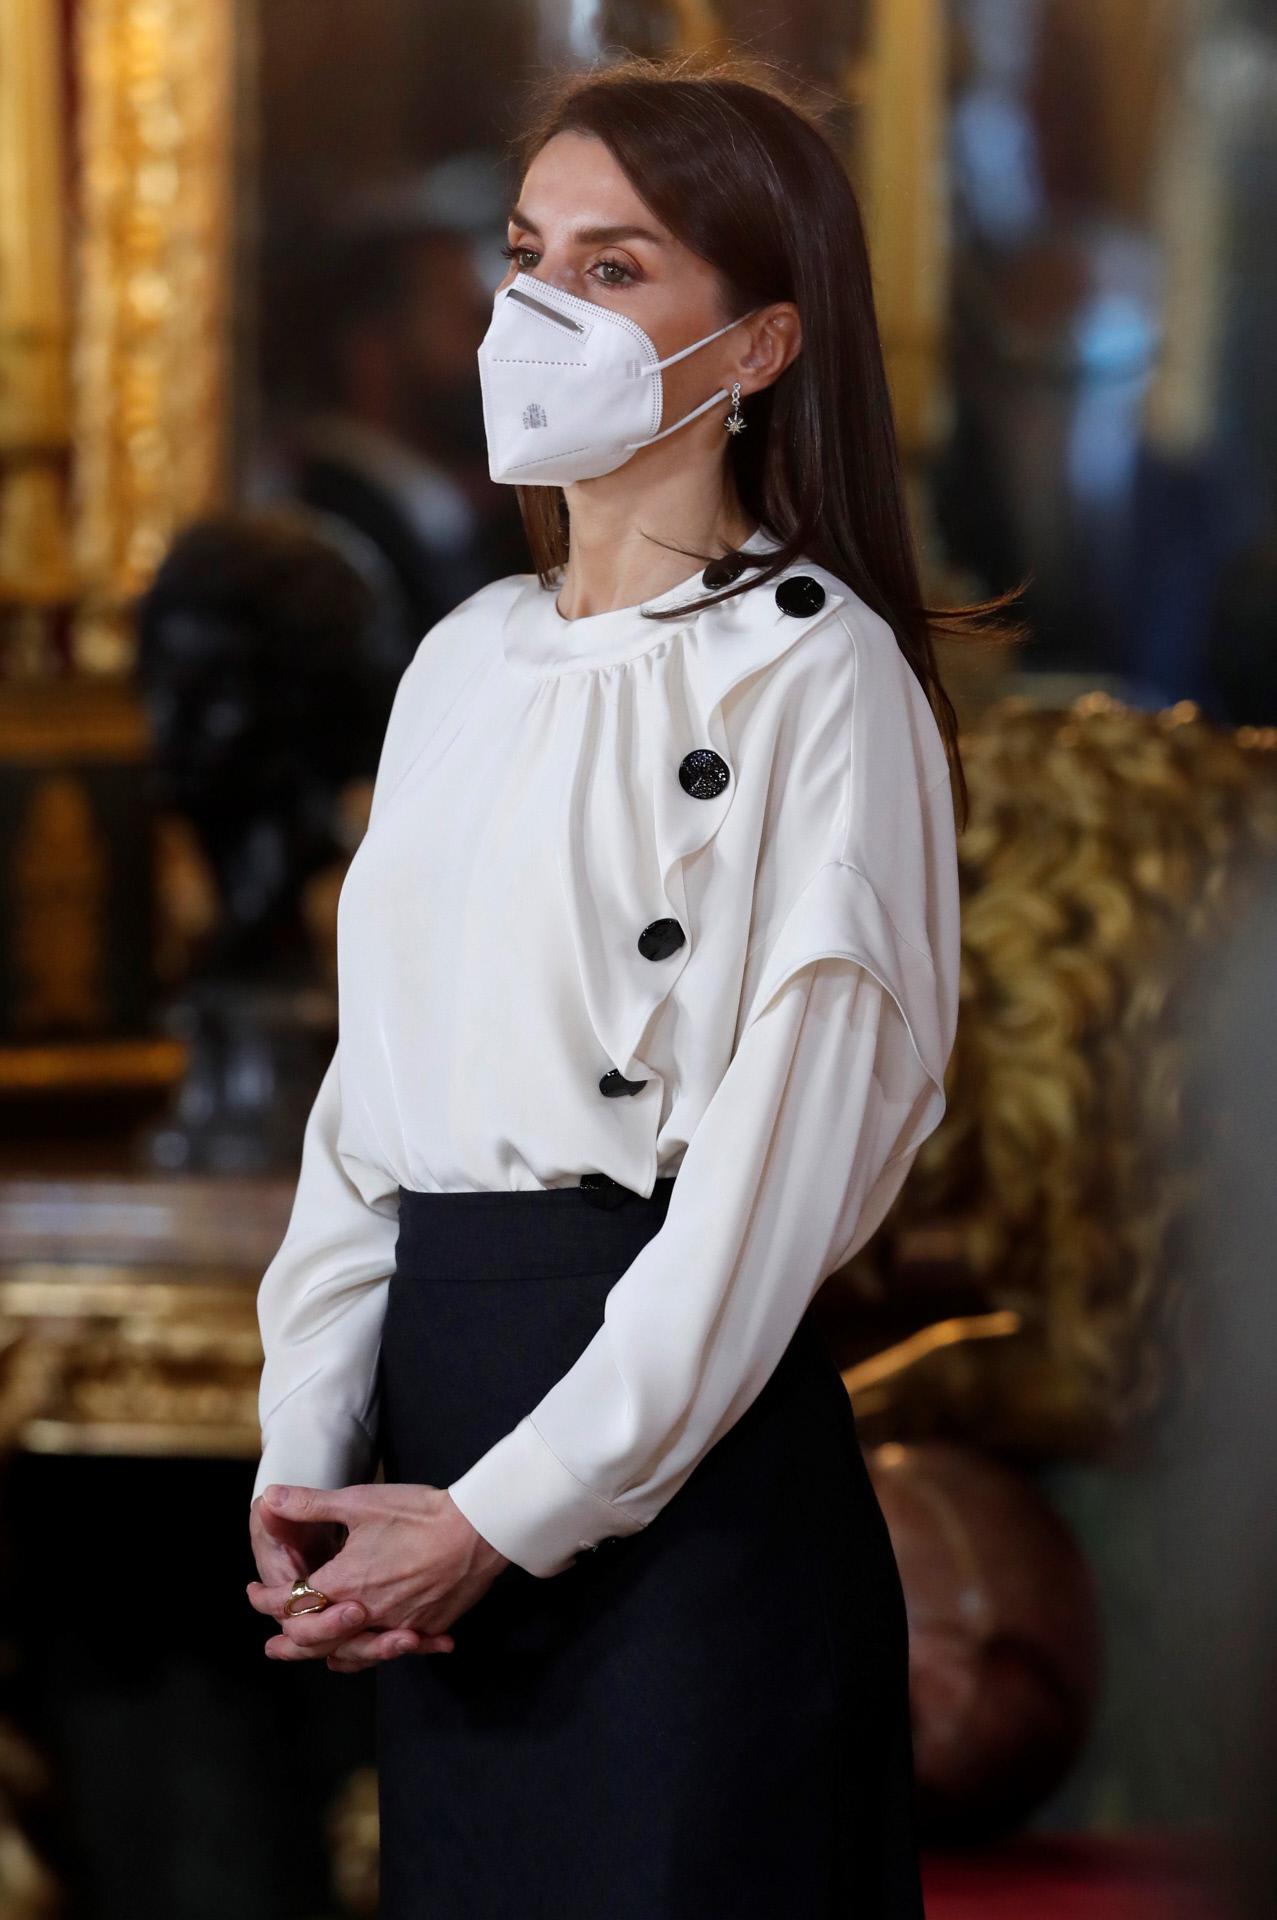 La reina Letizia suele lucir algunas canas y podría ser porque desde hace algún tiempo opta por la coloración a base de barro.